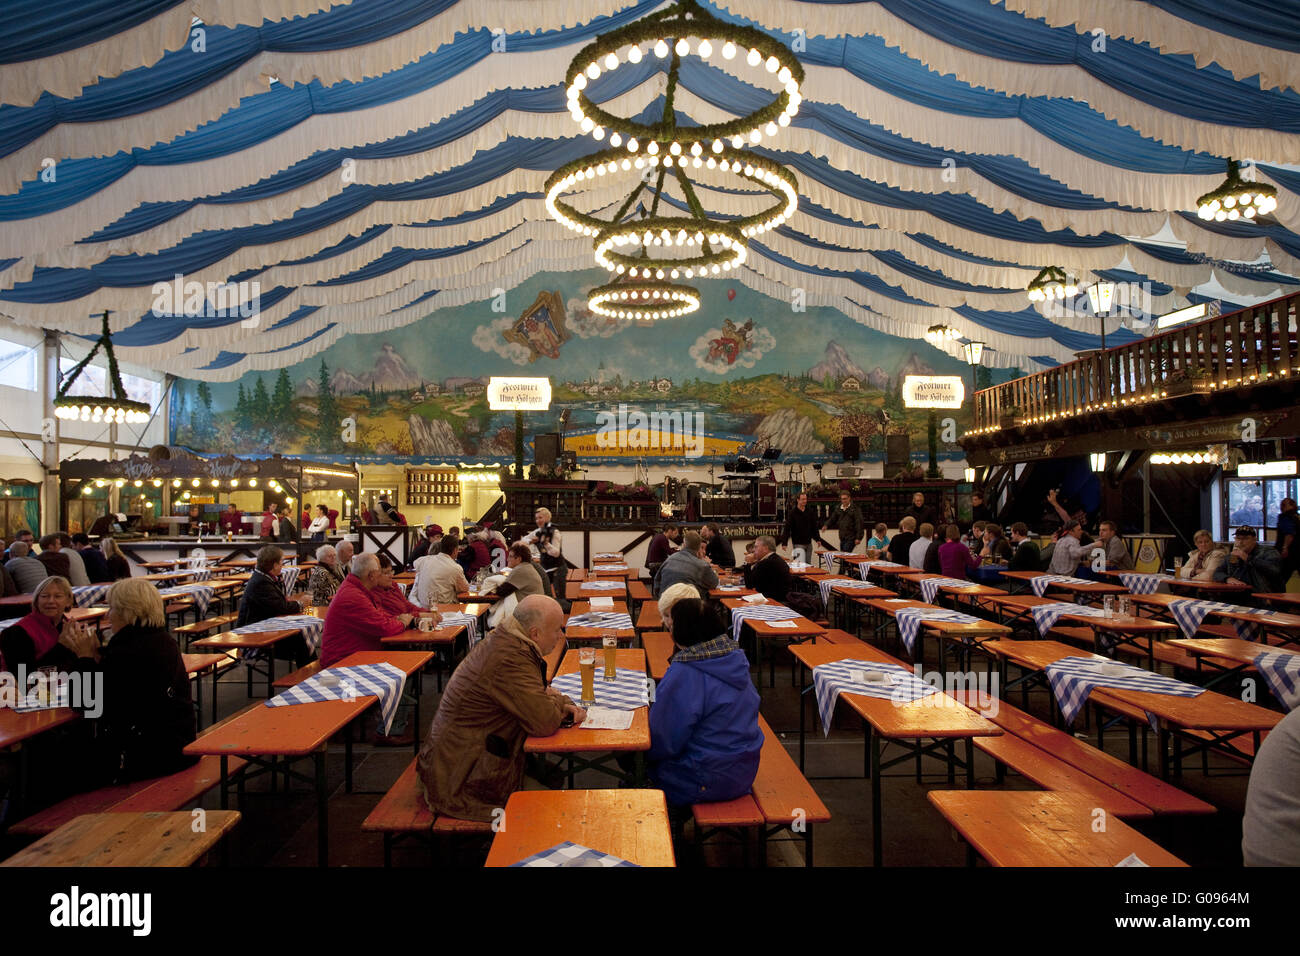 Bavaria tent at the Allerheiligenkirmes in Soest. - Stock Image